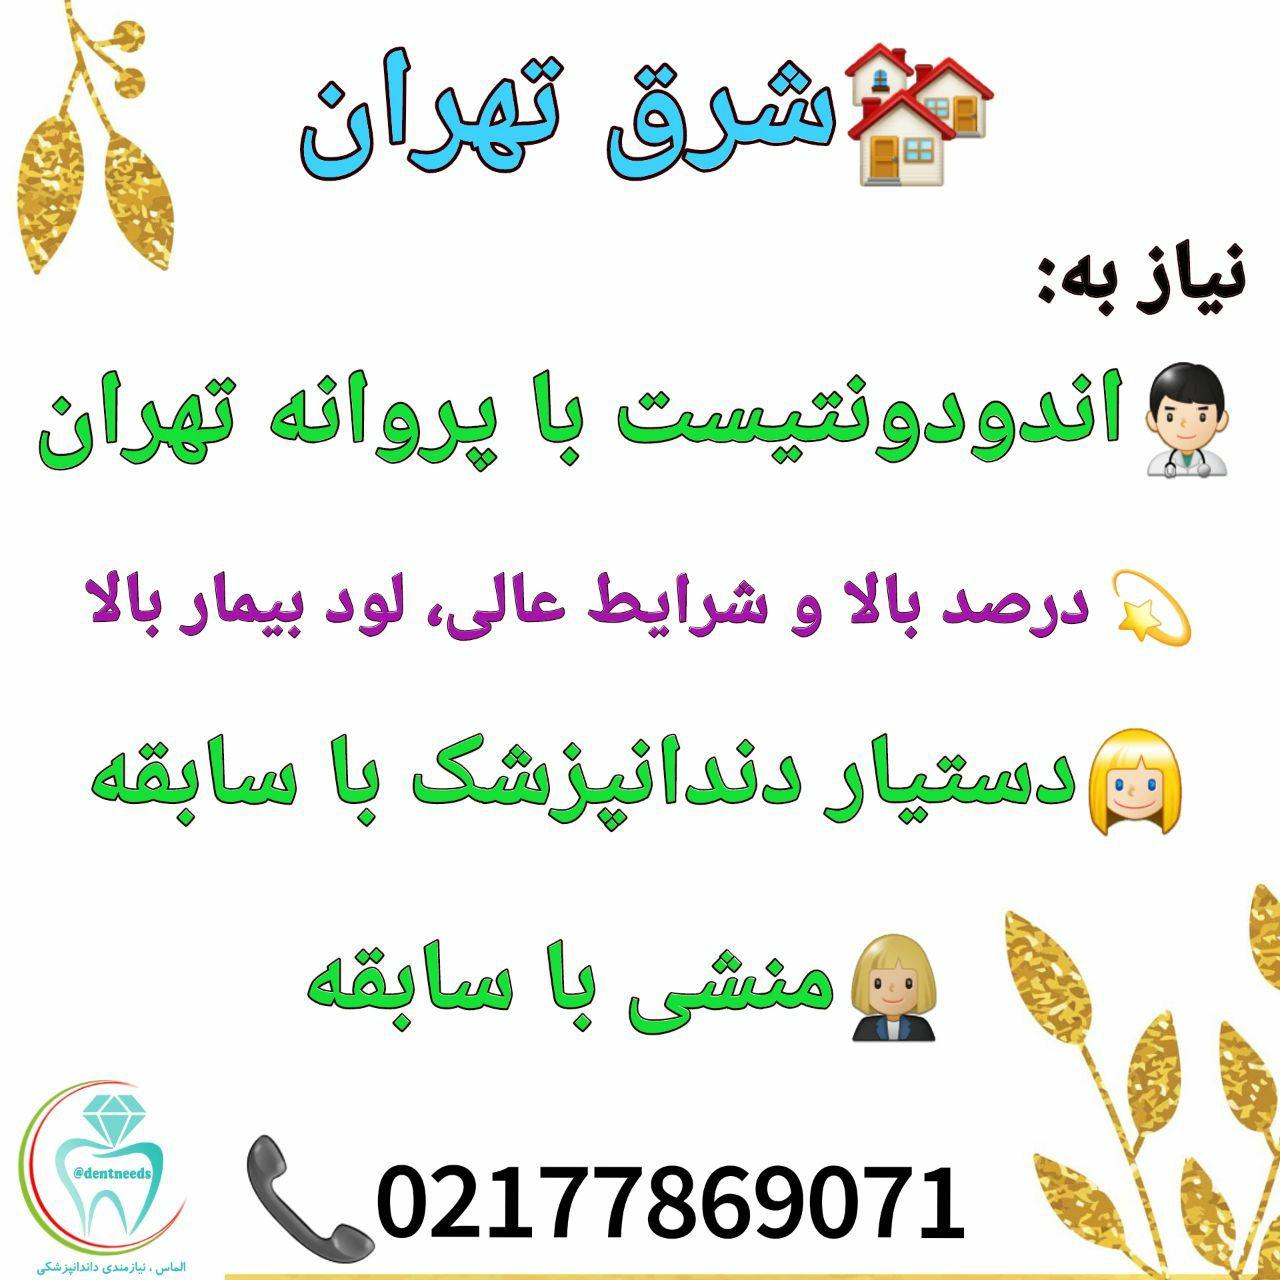 شرق تهران: نیاز به اندودونتیست با پروانه تهران، دستیار دندانپزشک با سابقه، و منشی با سابقه